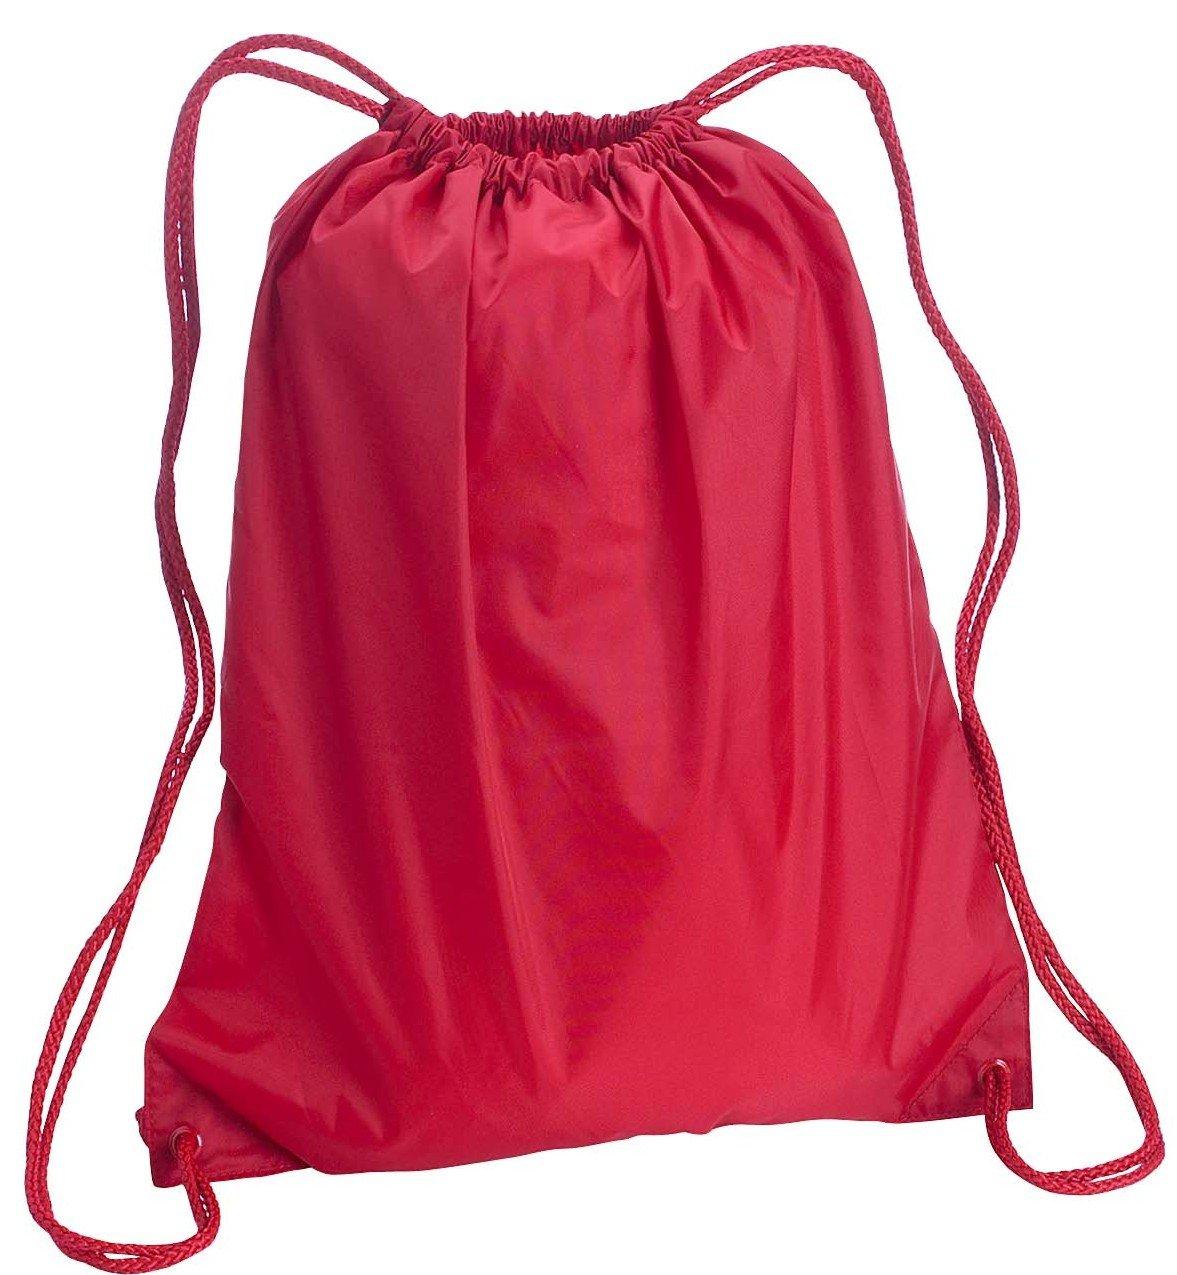 Amazon.com: Liberty Bags Large Nylon Drawstring Backpack: Clothing